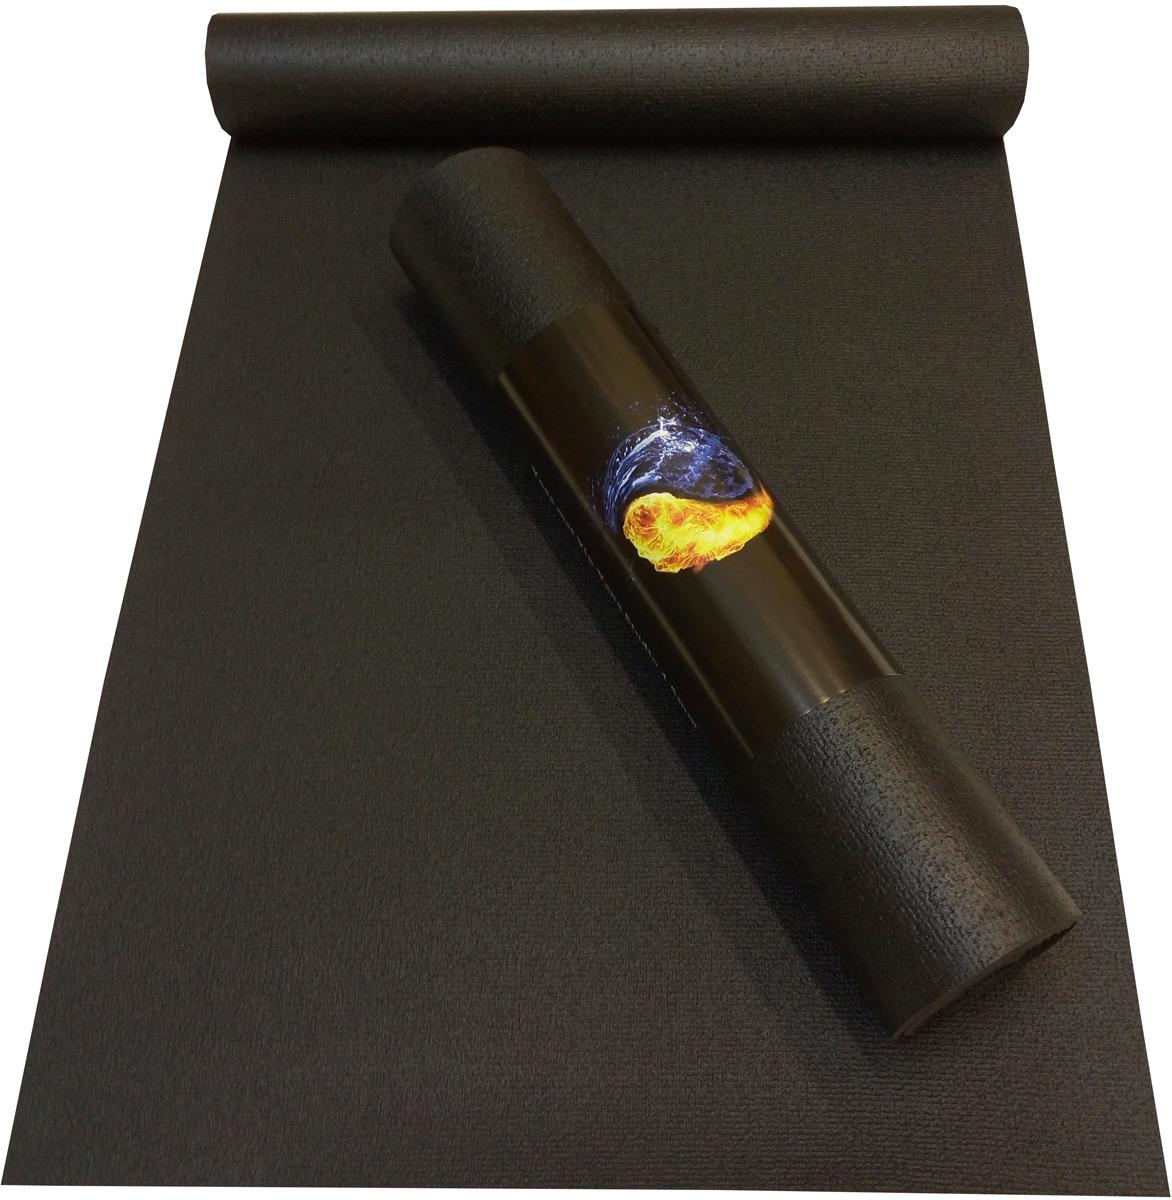 Коврик для йоги Ako-Yoga Yin-Yang Studio, цвет: черный, 185 х 80 см